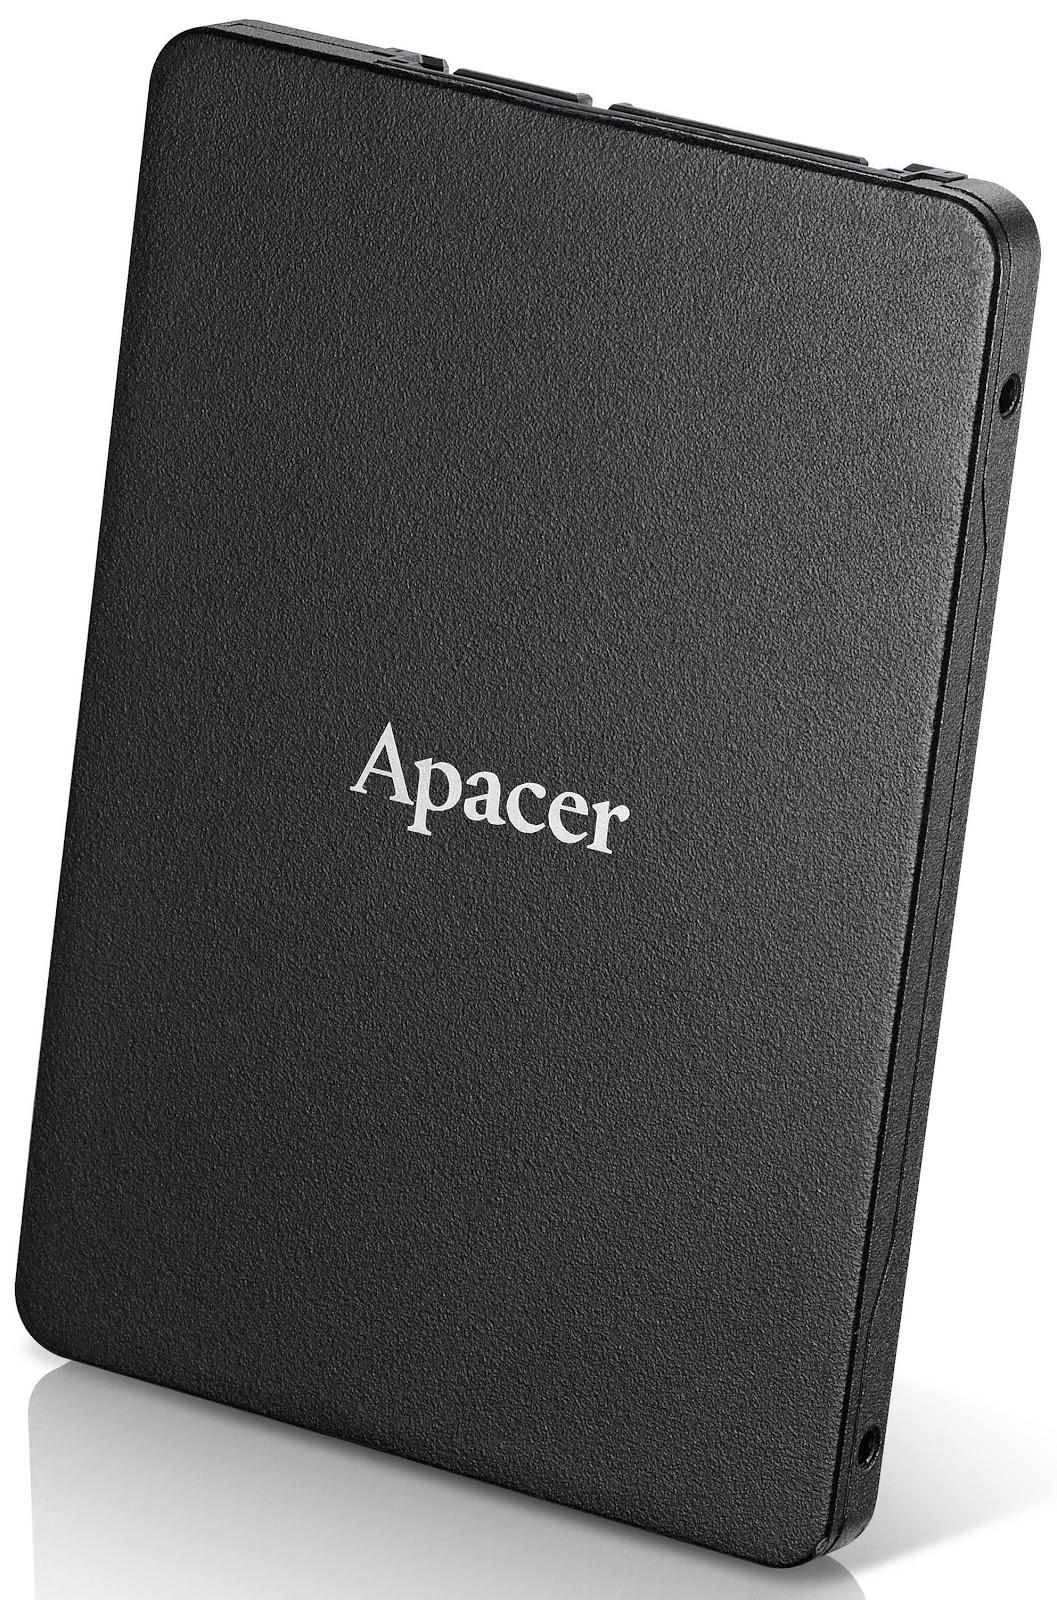 Apacer SFD 25H-M SSD